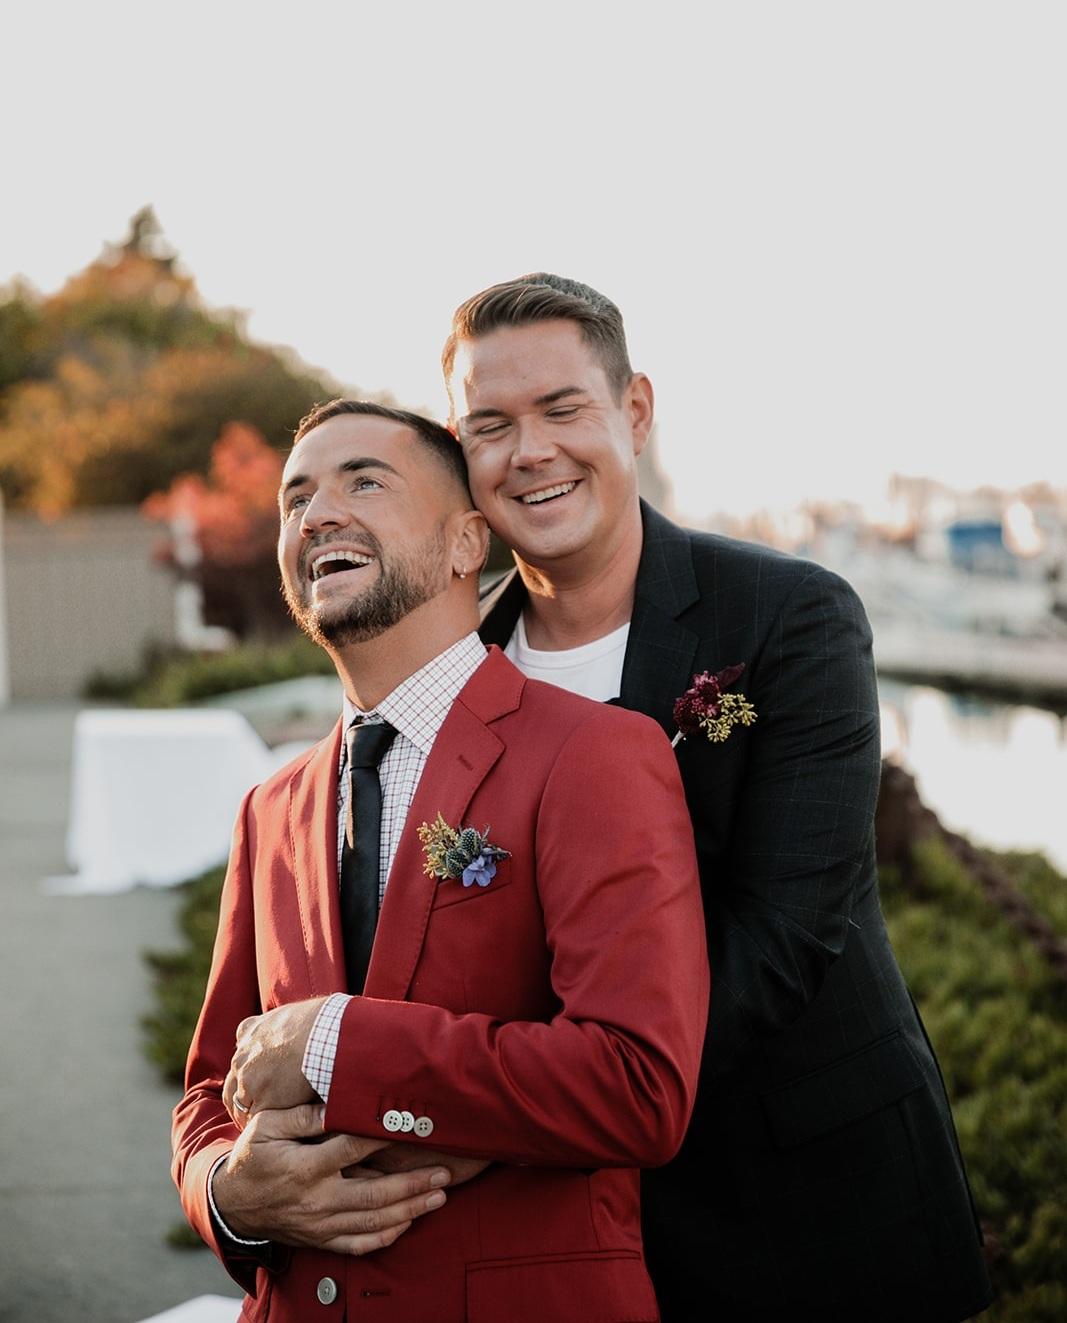 marialee_makeup_gay_wedding_brad%2526tim_2.jpg